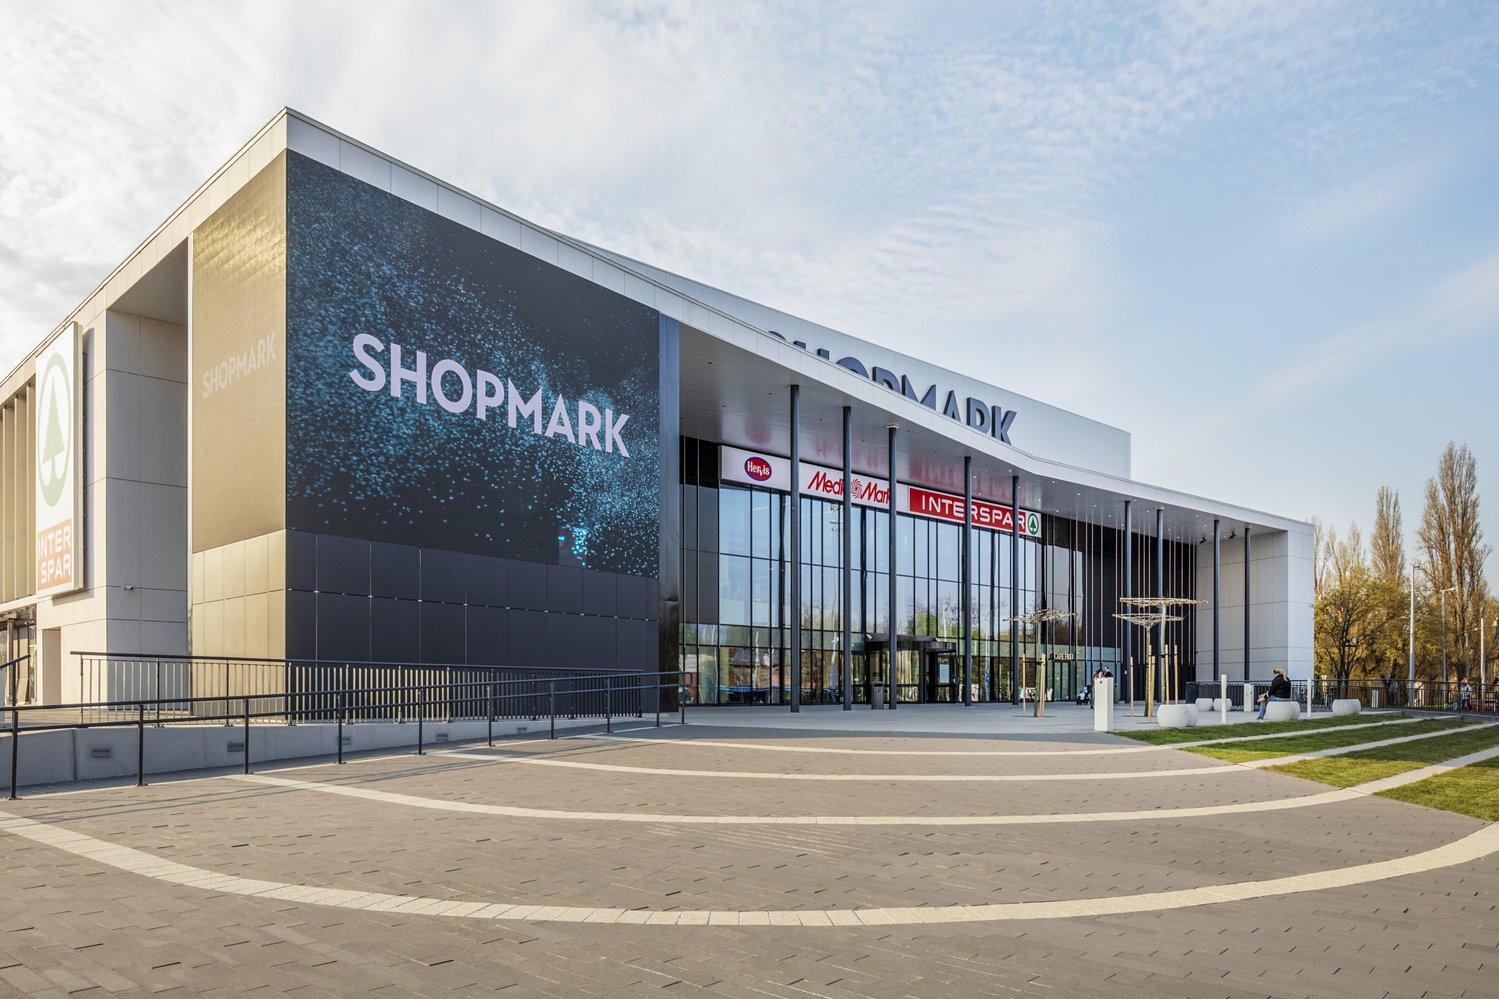 Cover image of Shopmark Bevásárlóközpont